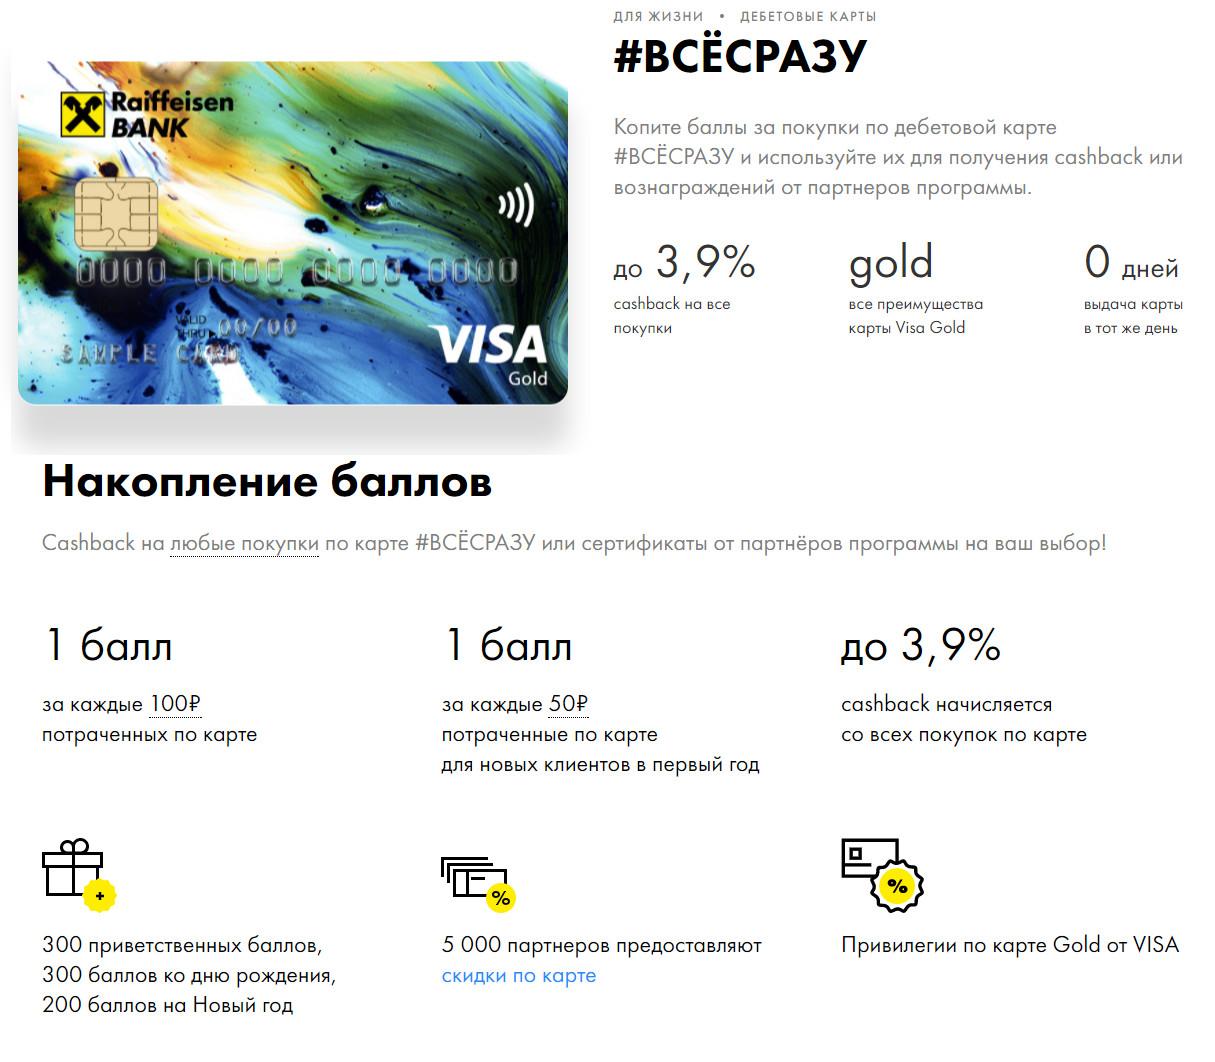 Дебетовая карта с опцией кэшбэк: самые популярные банковские продукты